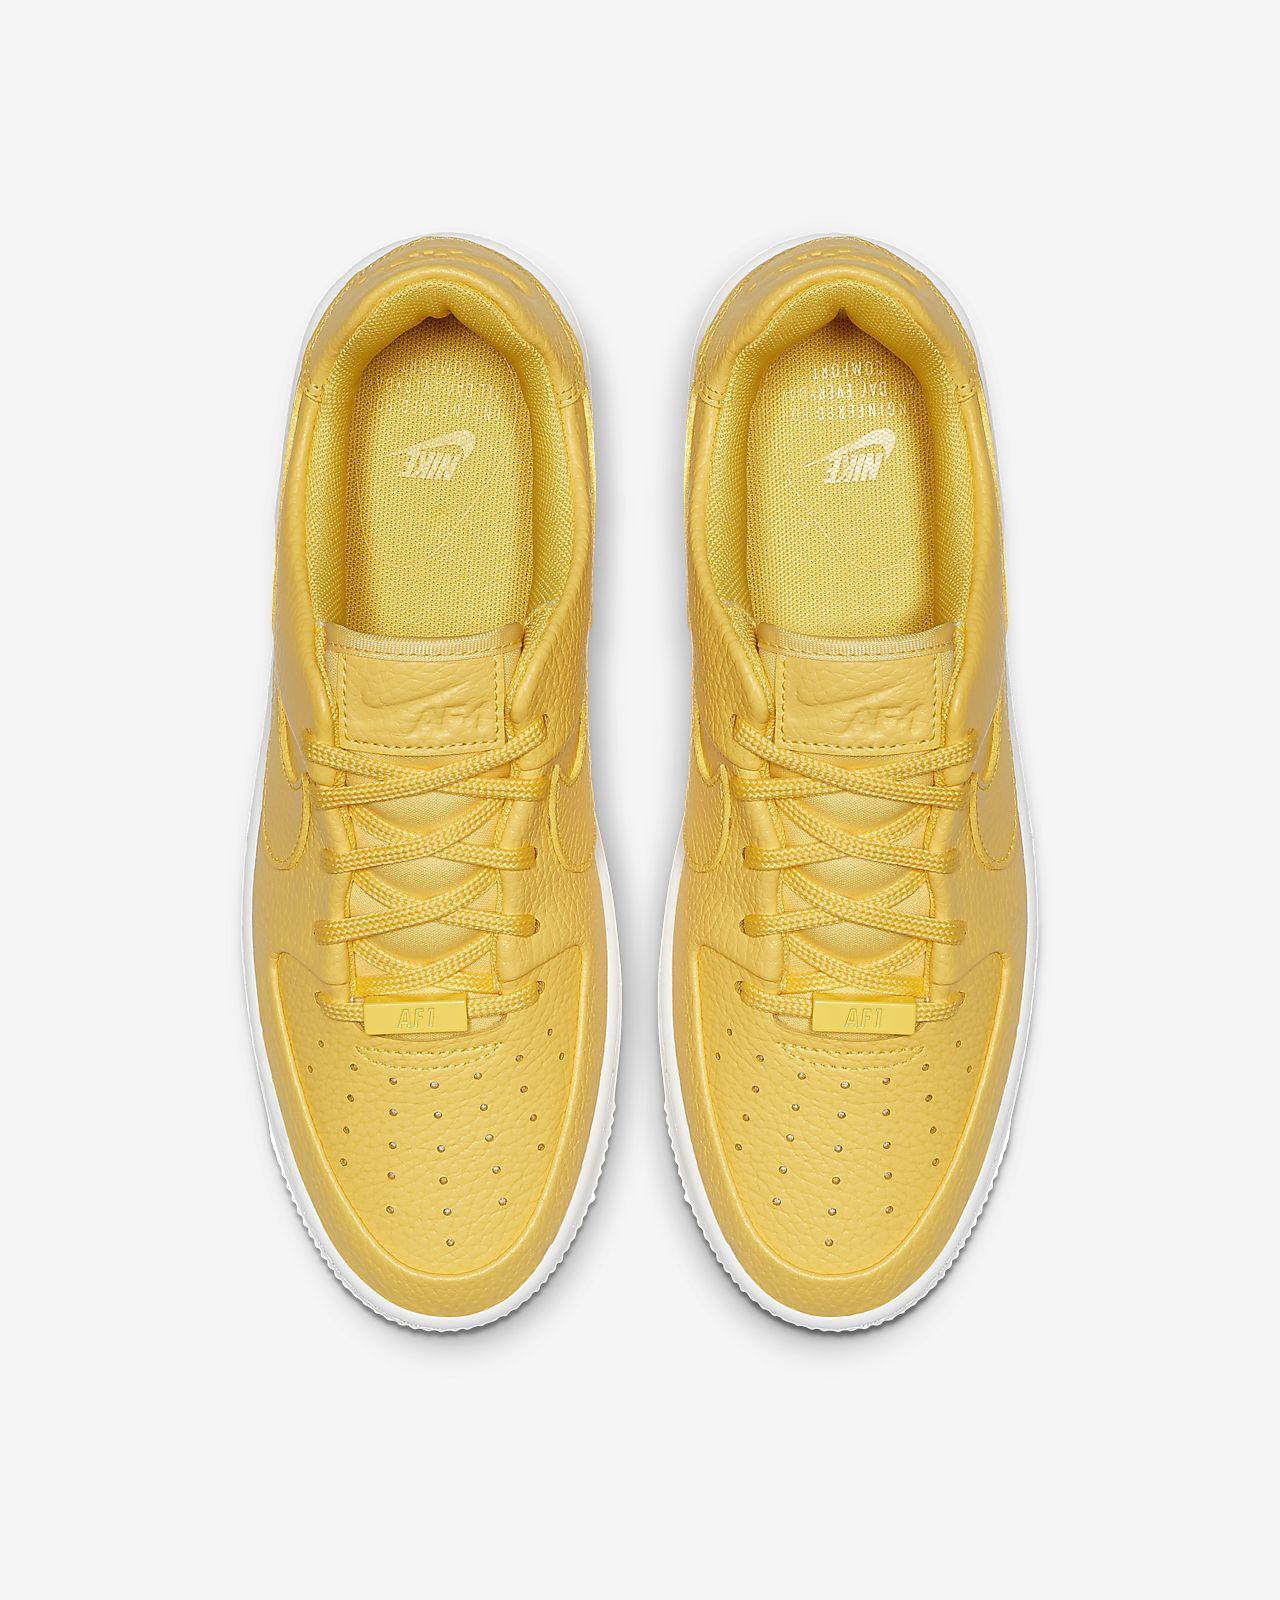 buy online 8e7b3 2a4c8 Nike Air Force 1 Sage Low Women's Shoe. Nike.com